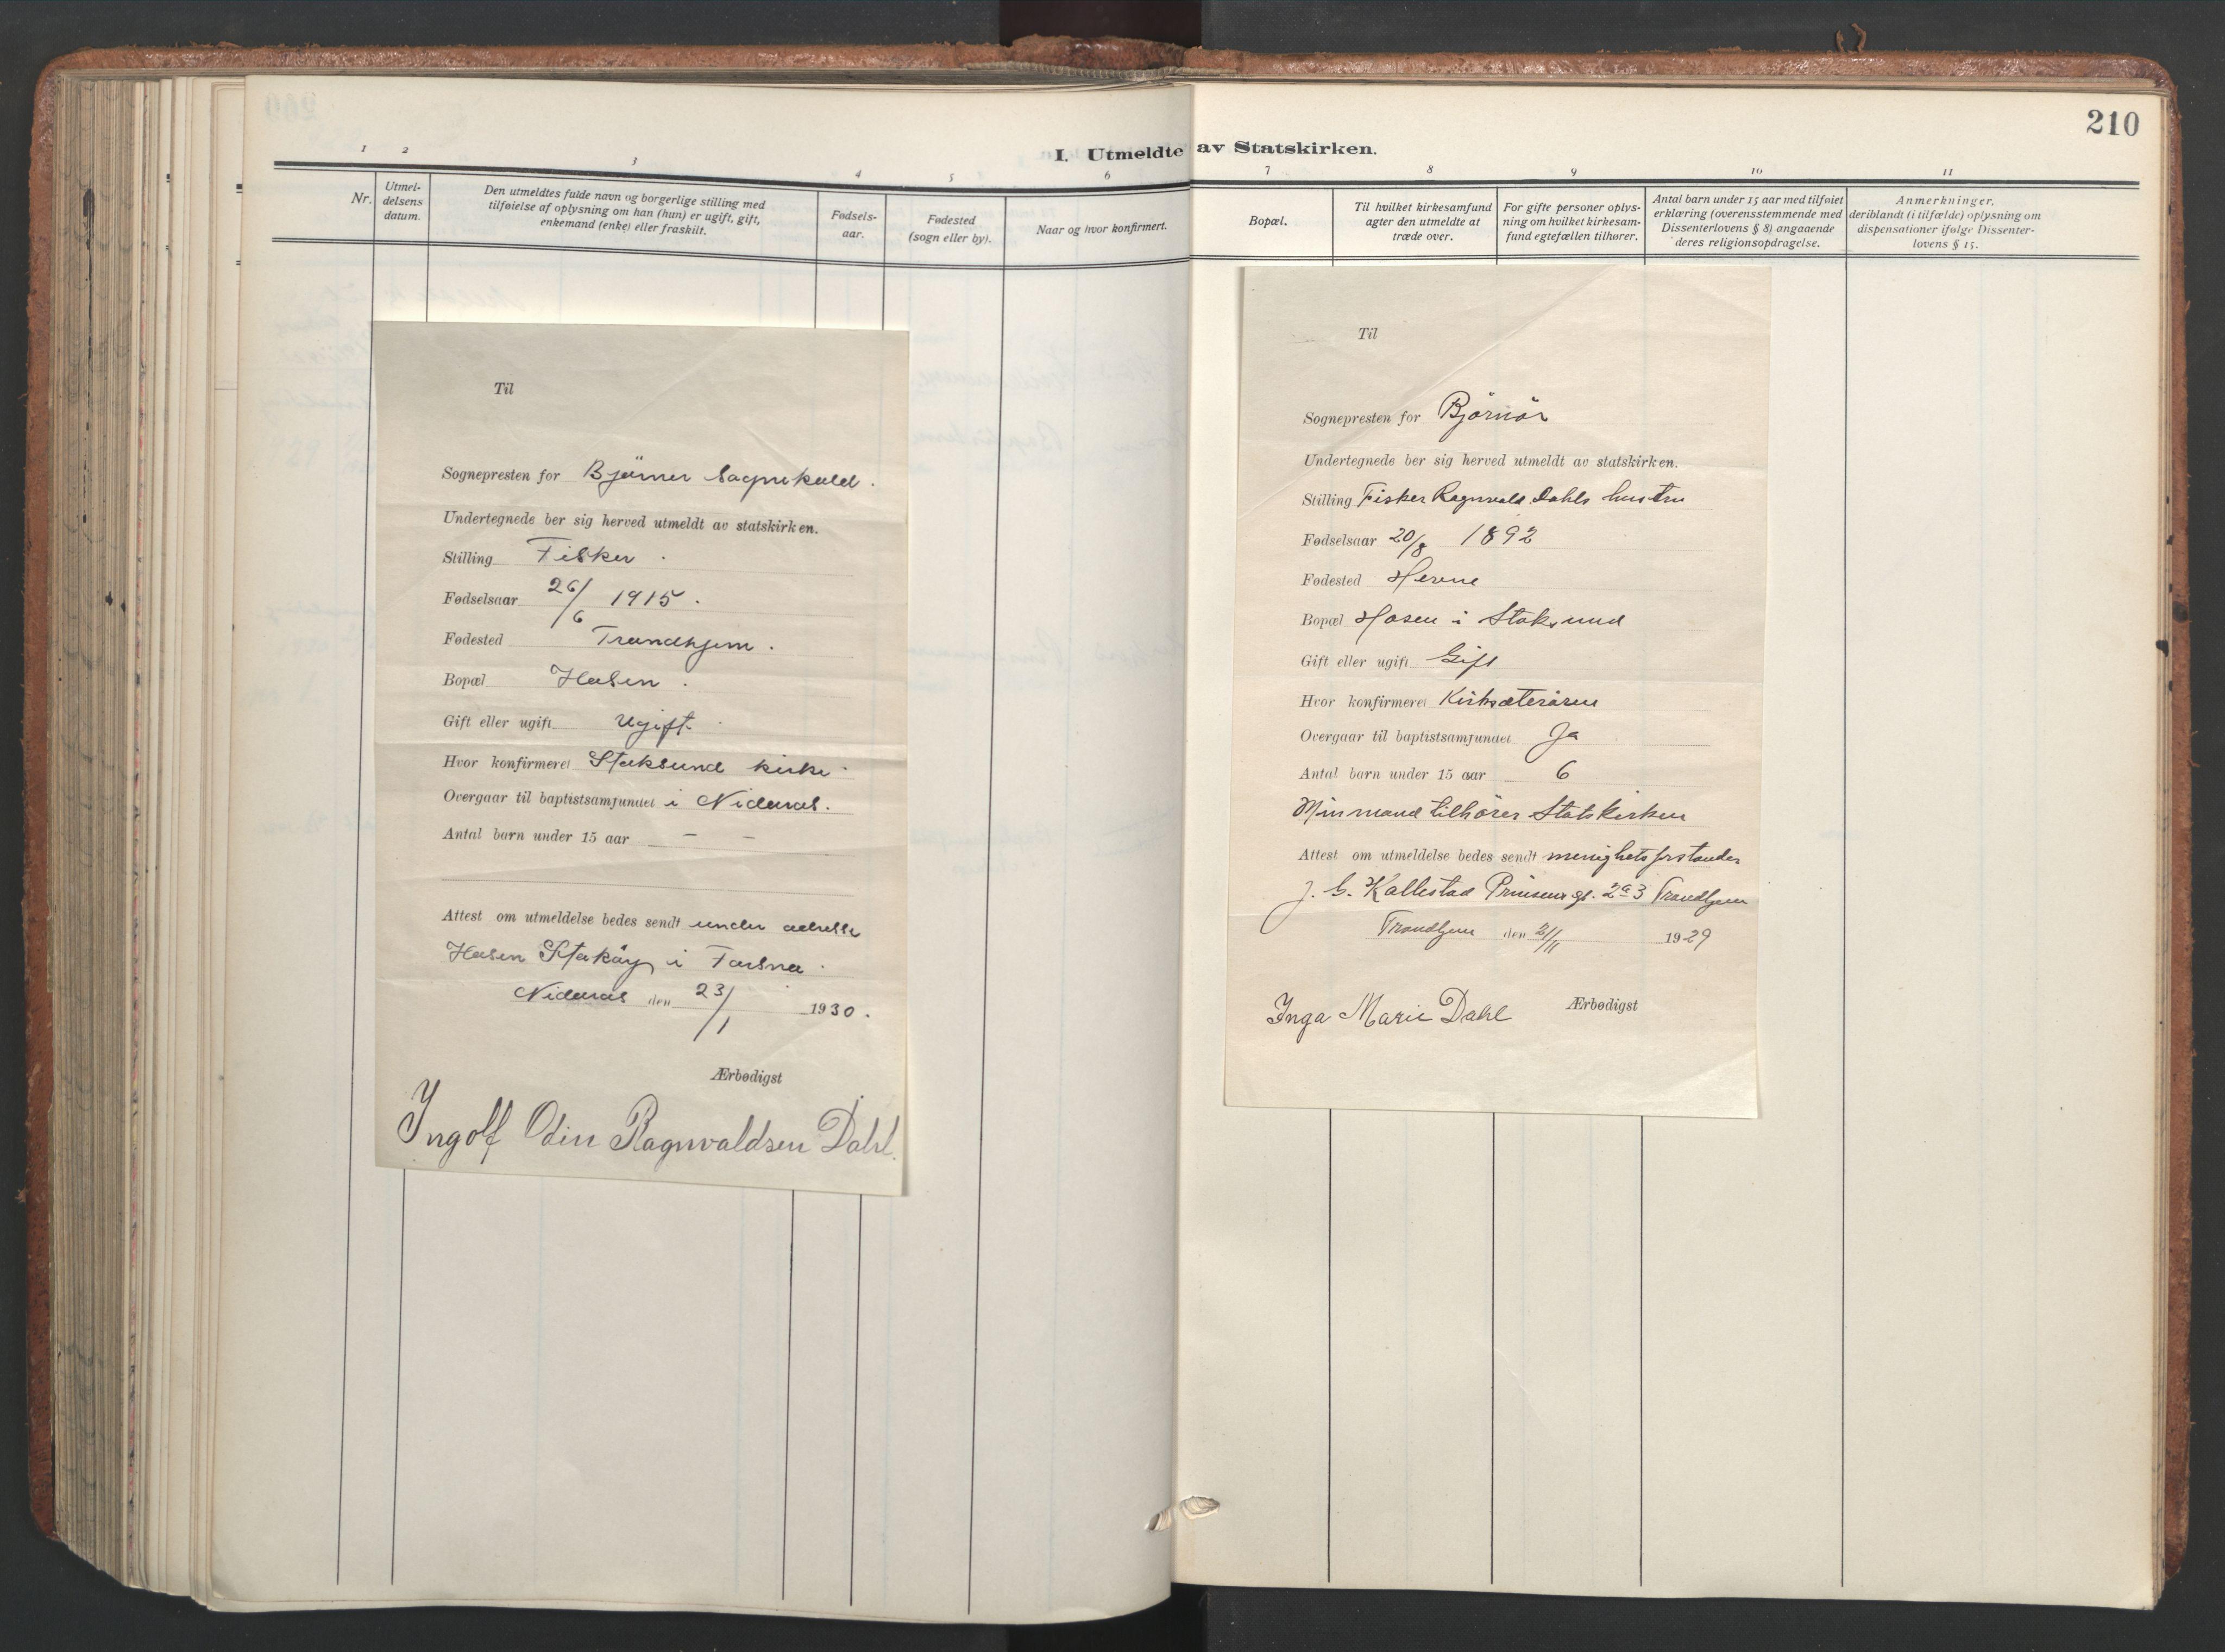 SAT, Ministerialprotokoller, klokkerbøker og fødselsregistre - Sør-Trøndelag, 656/L0694: Ministerialbok nr. 656A03, 1914-1931, s. 210